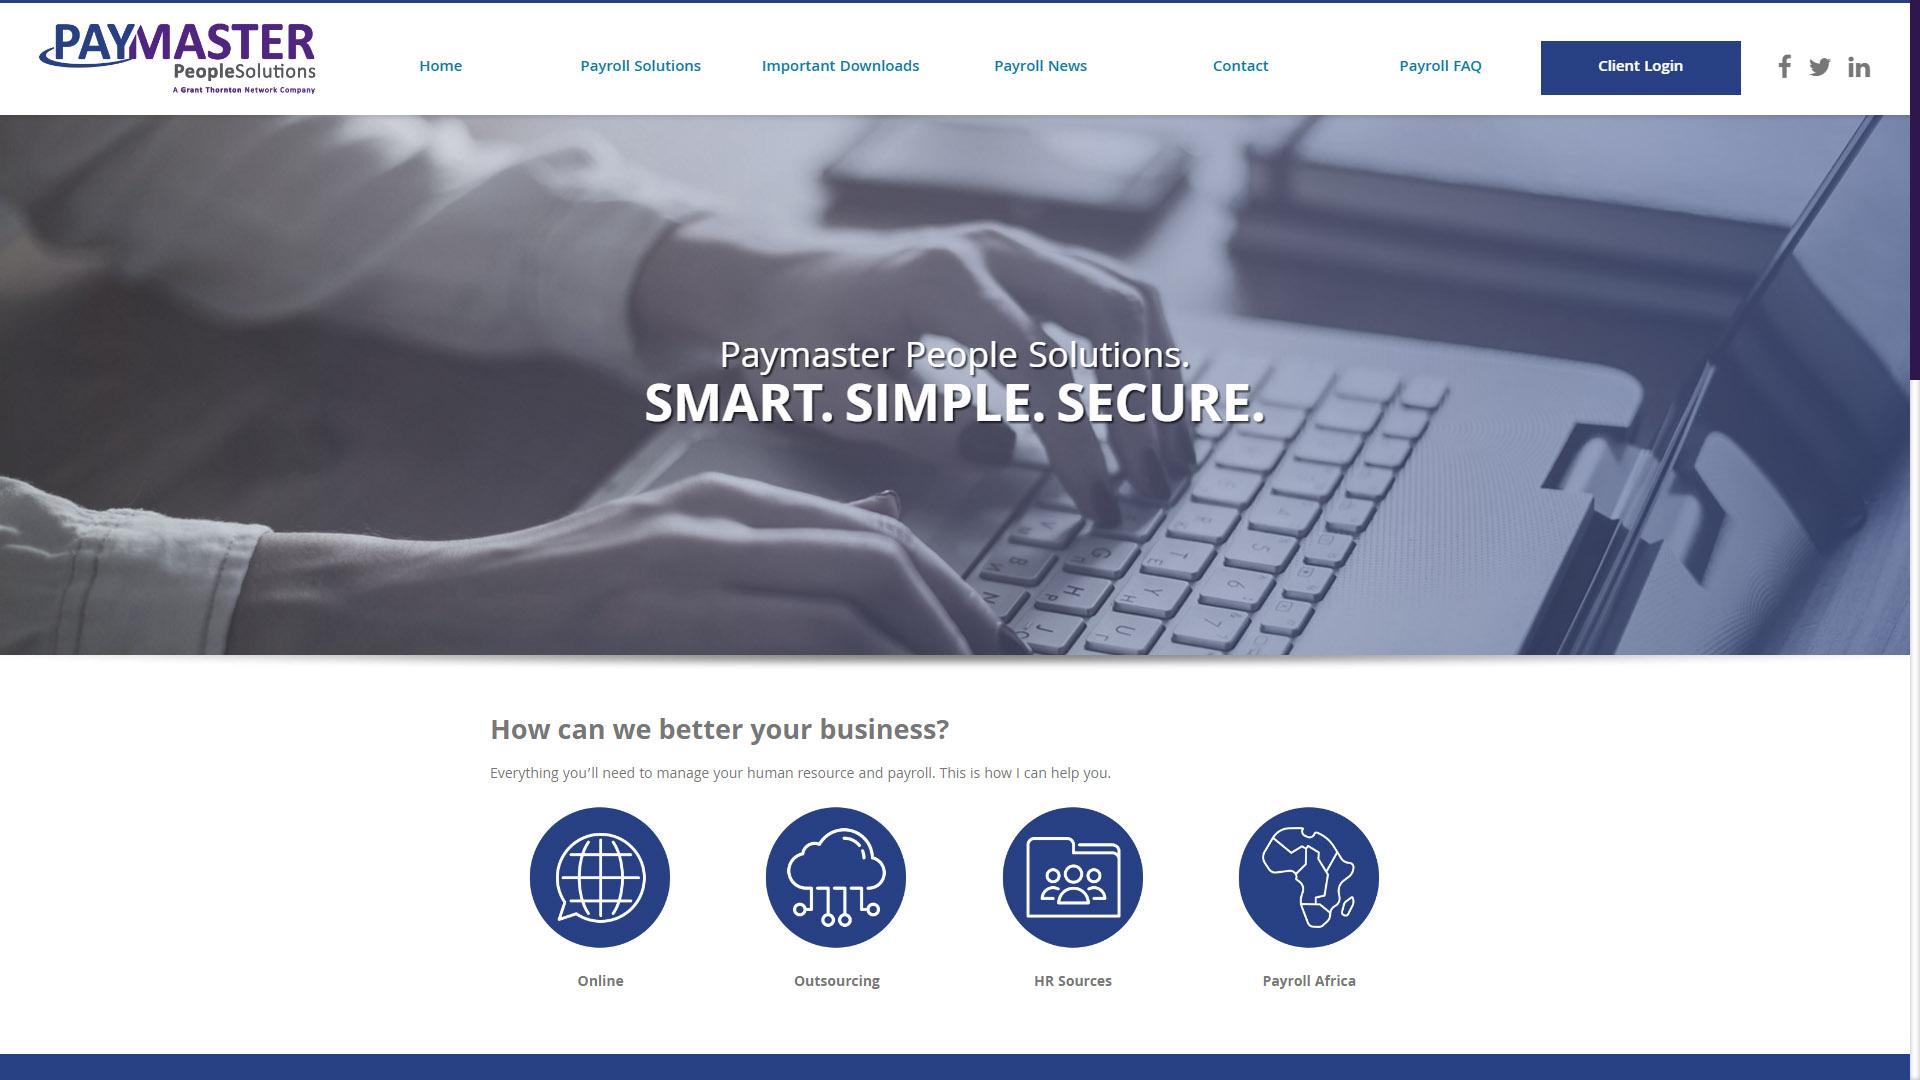 Paymaster Website